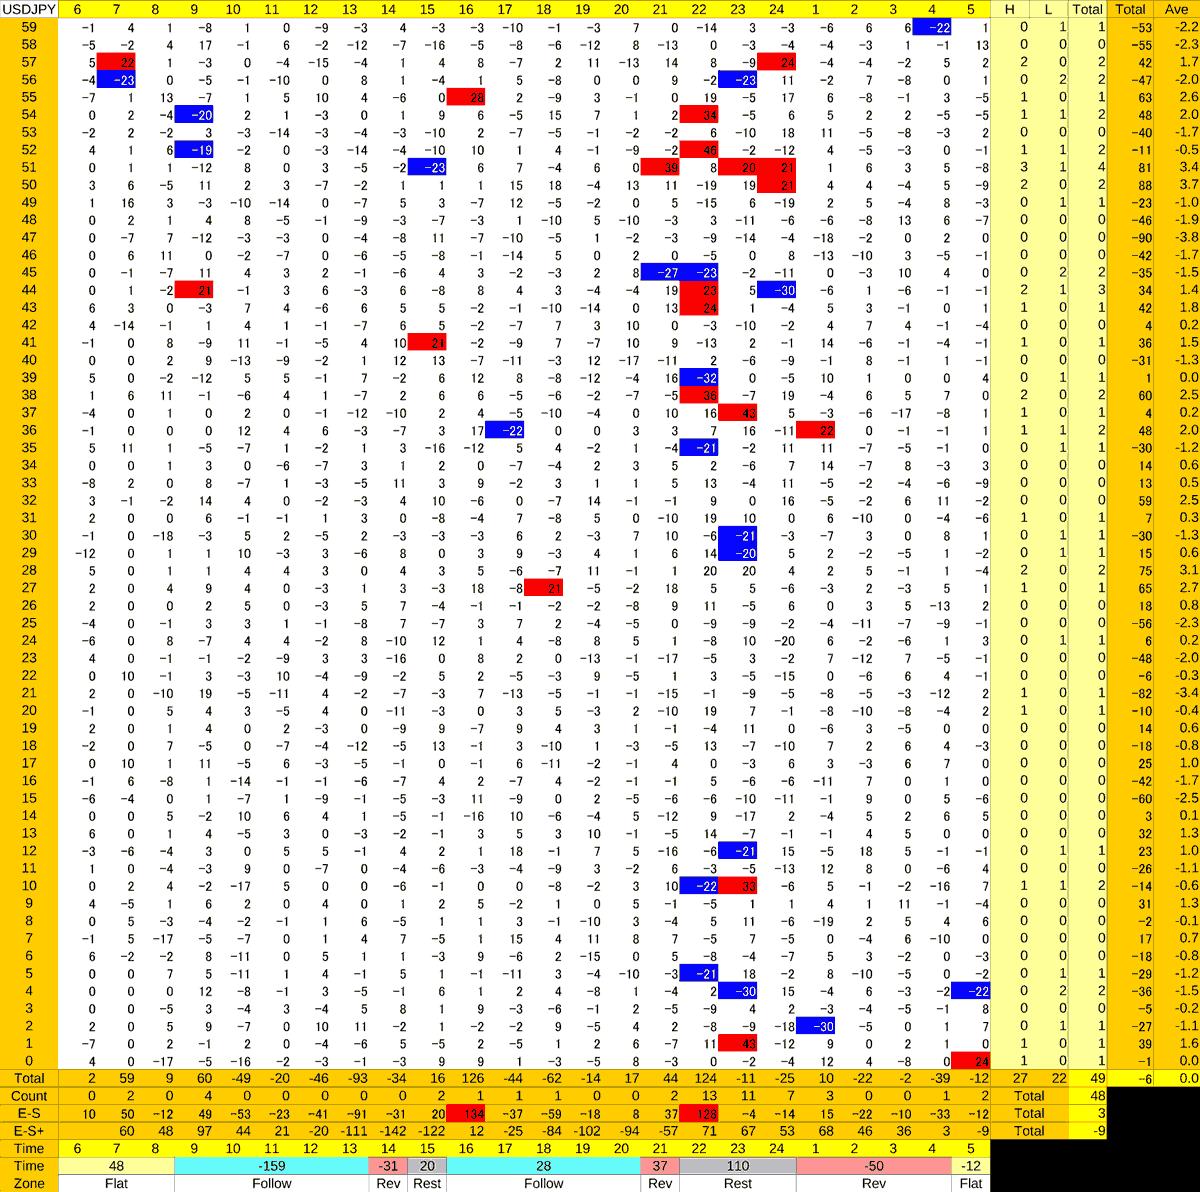 20210121_HS(1)USDJPY